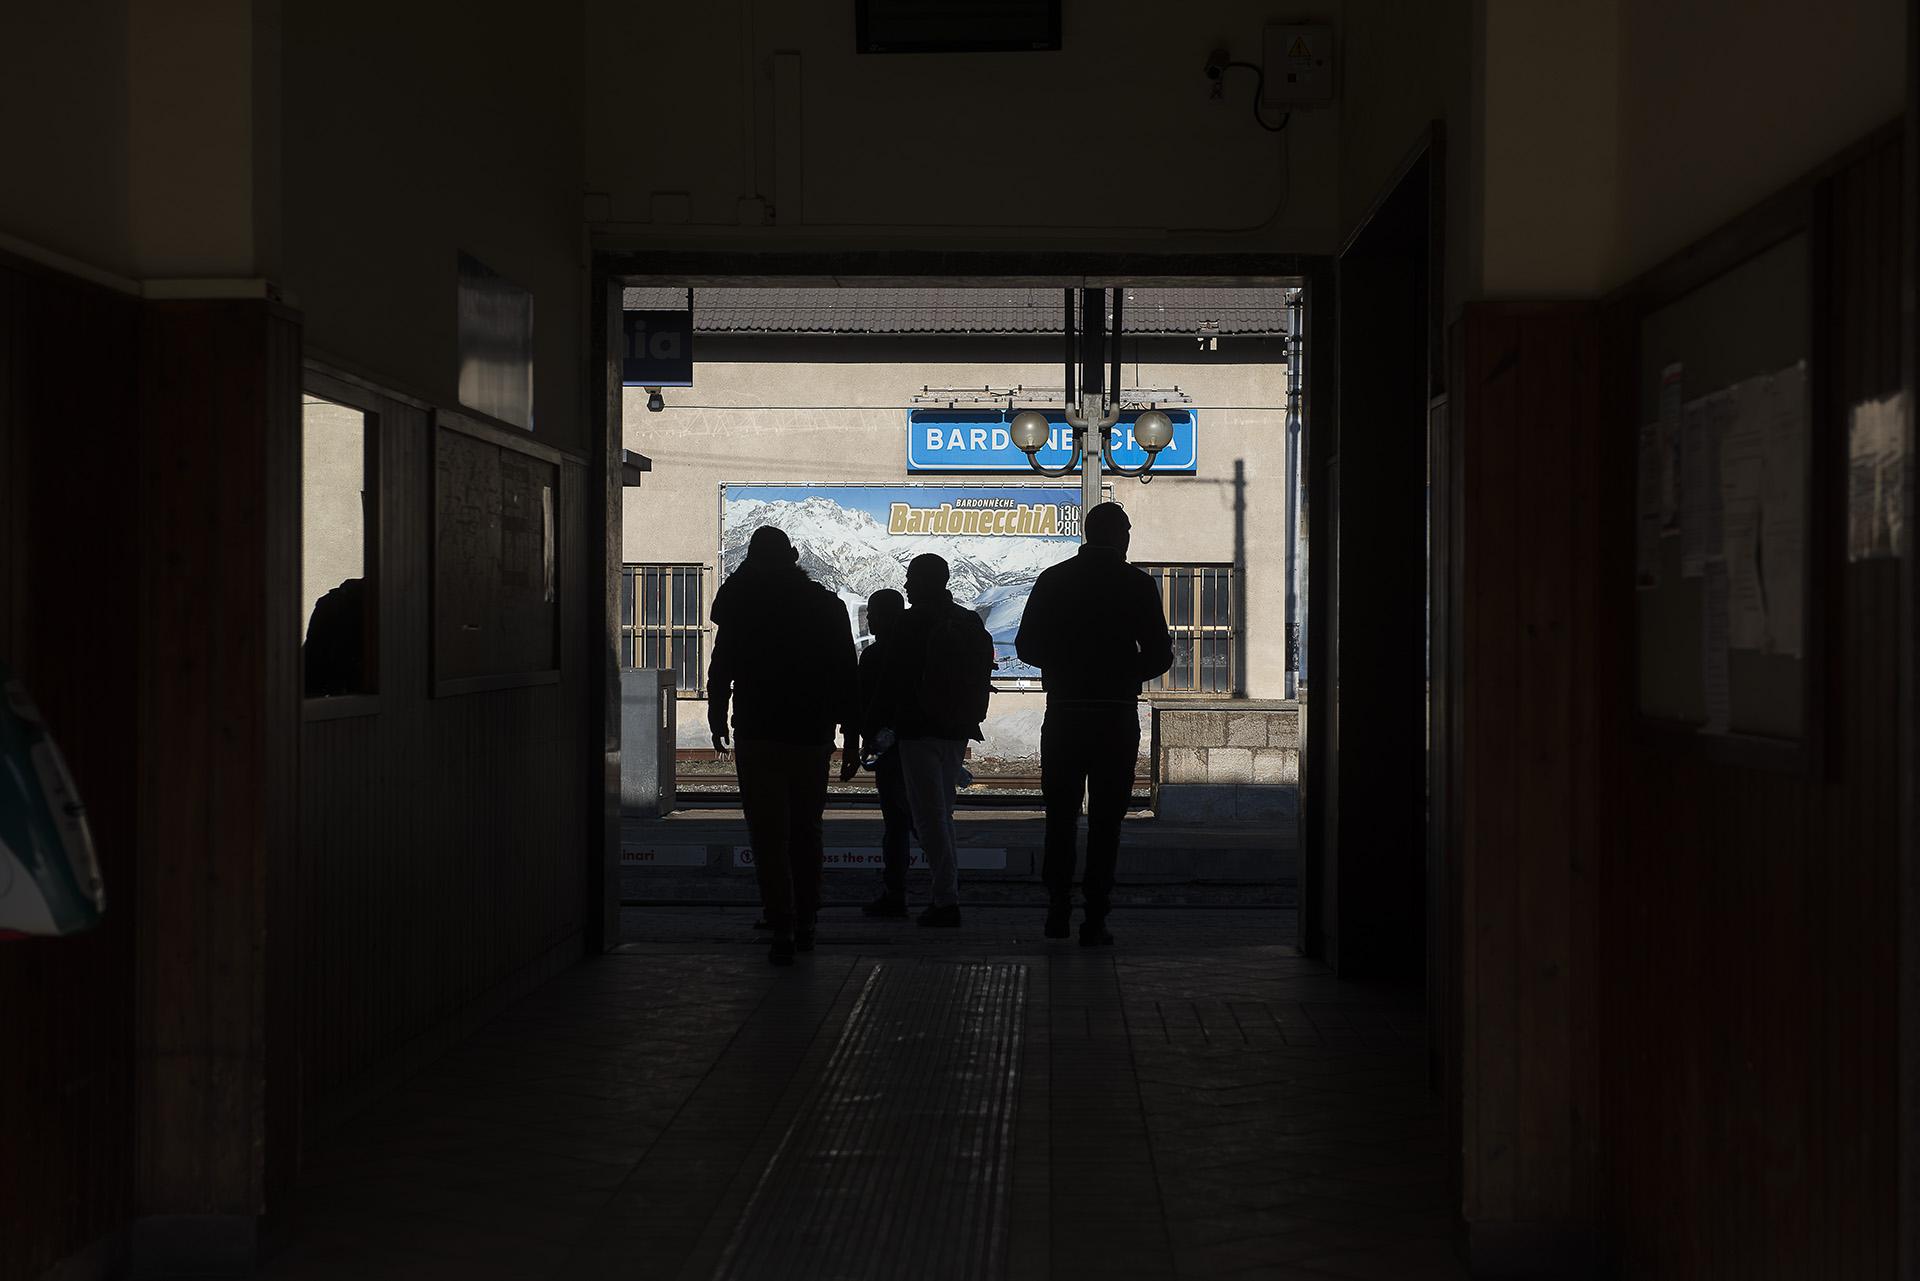 Sur les quais de la gare italienne de Bardonecchia, les migrants se mêlent aux skieurs.  En provenance, comme eux, de Milan ou de Turin, ils s'arrêtent dans cette station de sport d'hiver italienne pour poursuivre leur route vers le nord de l'Europe ou la France, dont la frontière est toute proche. ß